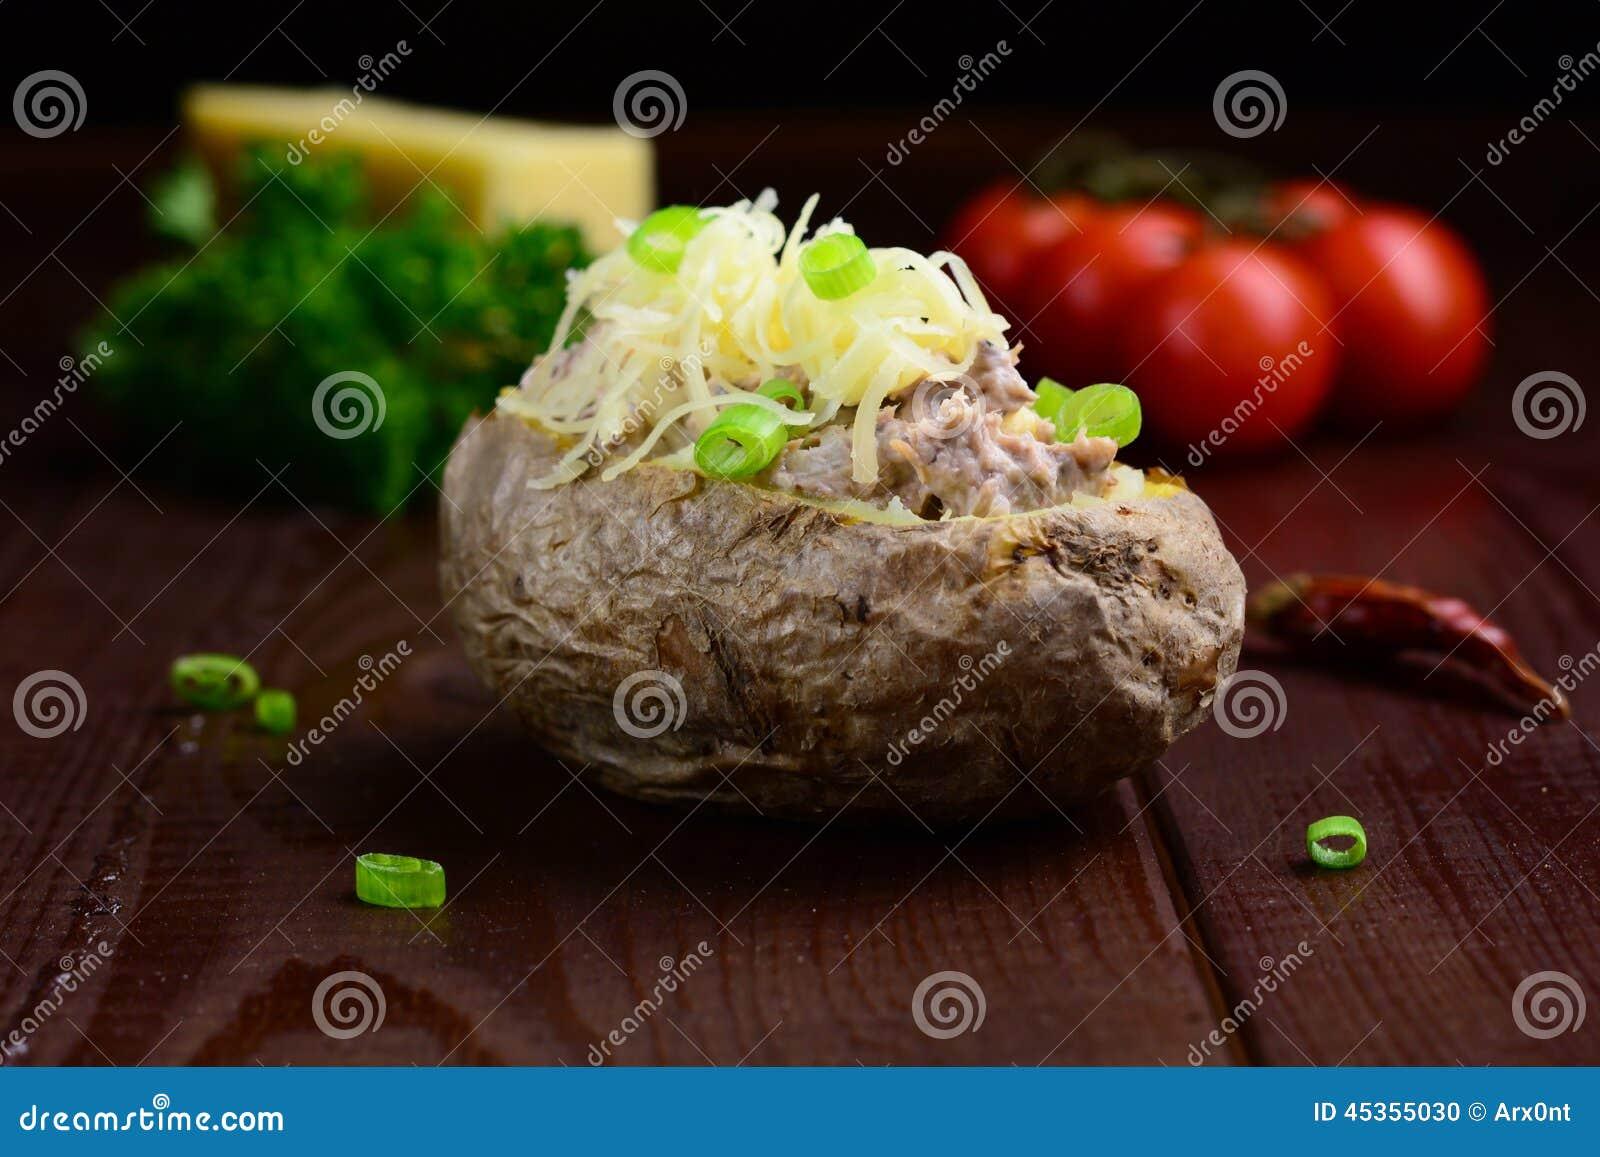 Pomme de terre cuite au four avec de la salade de thon